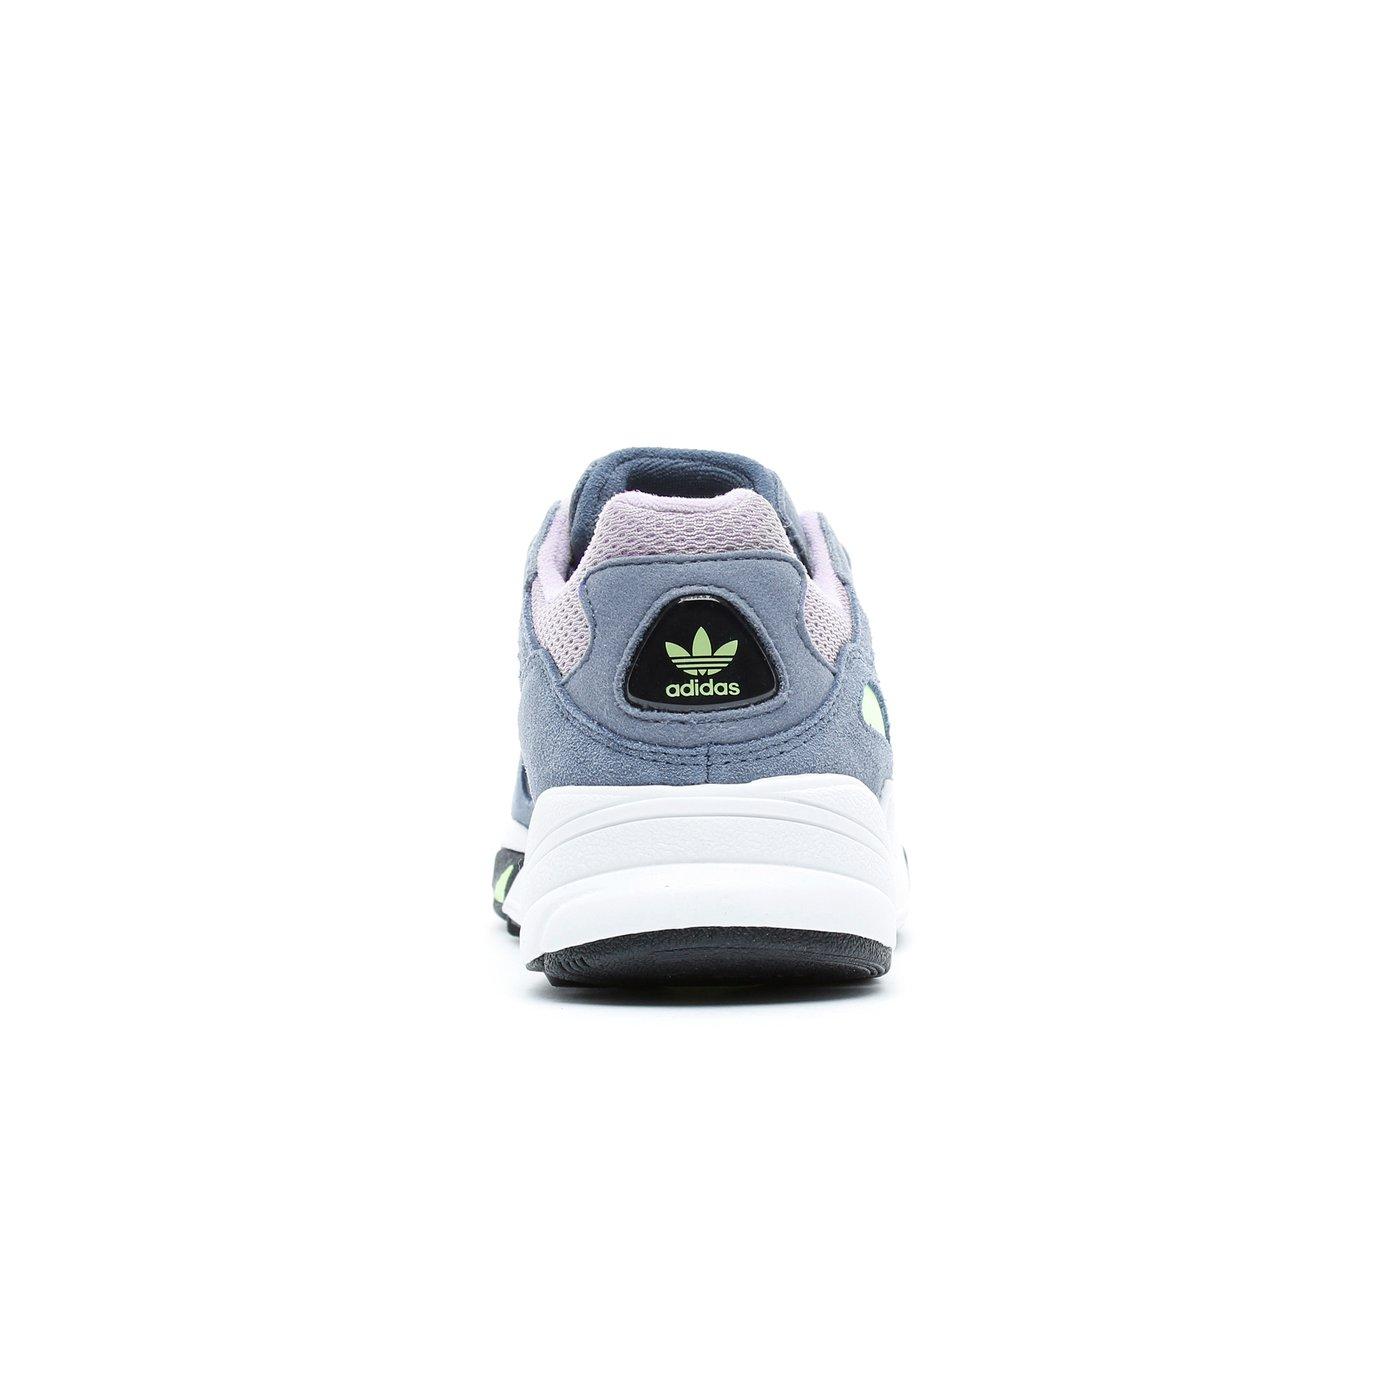 adidas Yung-96 Chasm Mavi Kadın Spor Ayakkabı